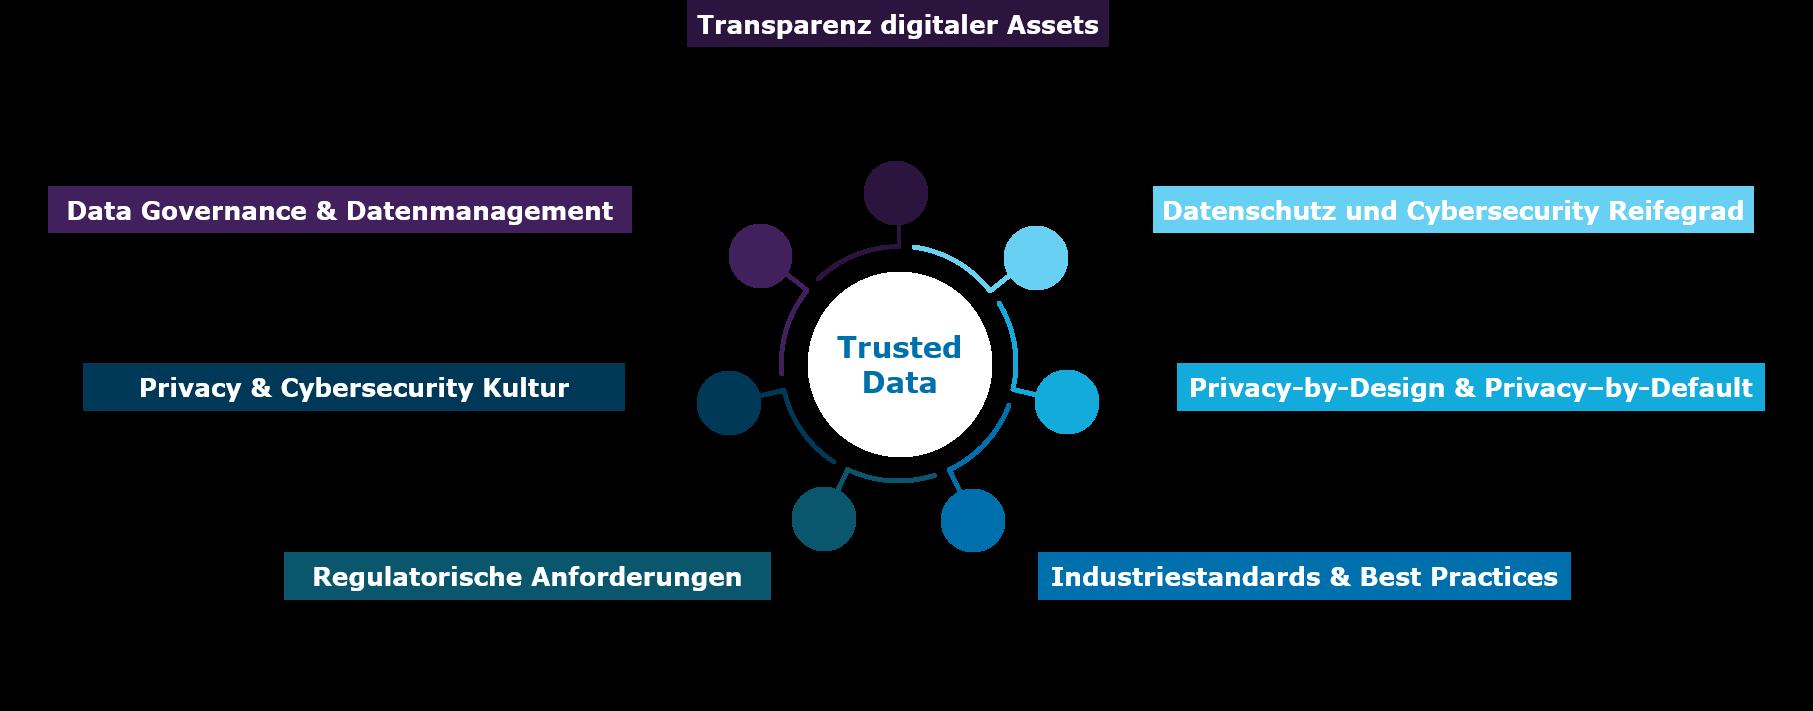 trusted-data-capgemini-invent